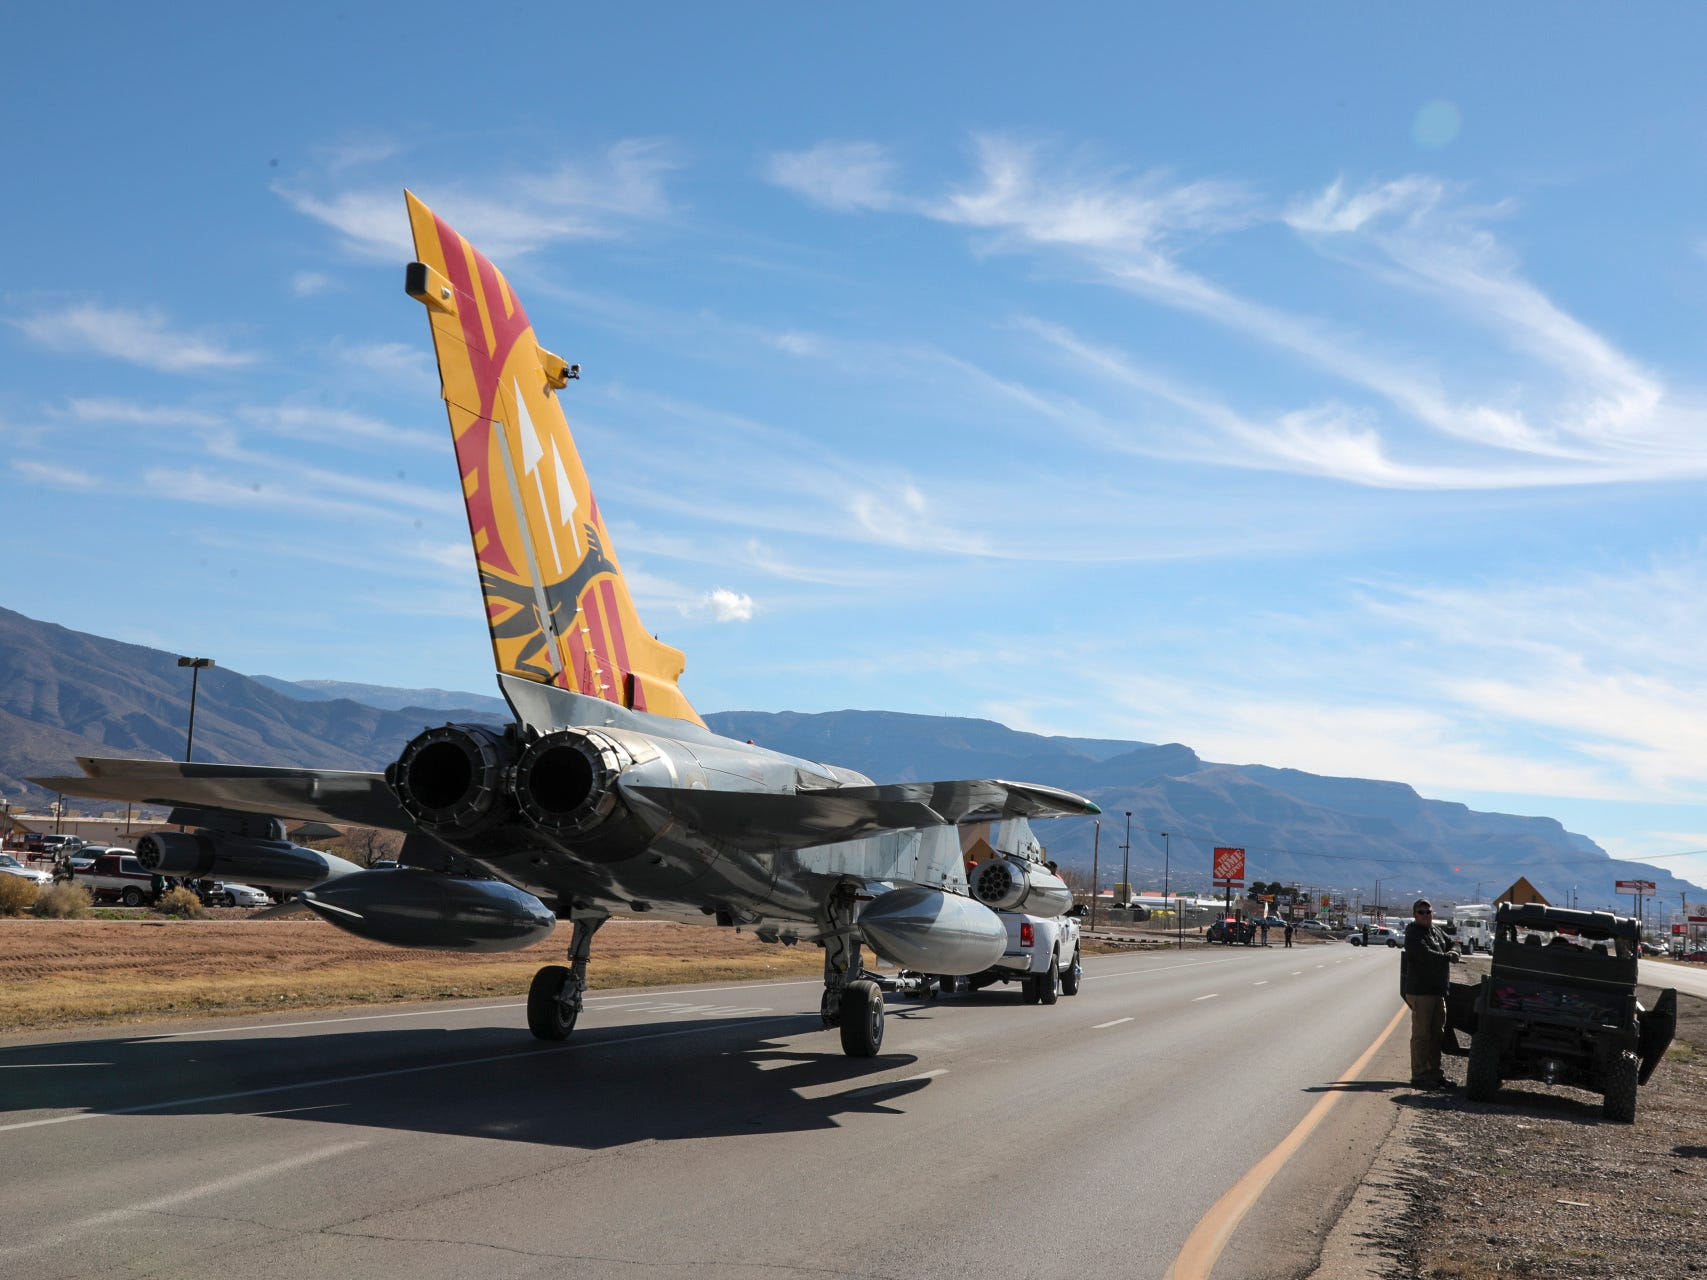 The Tornado jet being towed towards Alamogordo, N.M. on U.S. Highway 54/70 Saturday, Jan. 12, 2019.